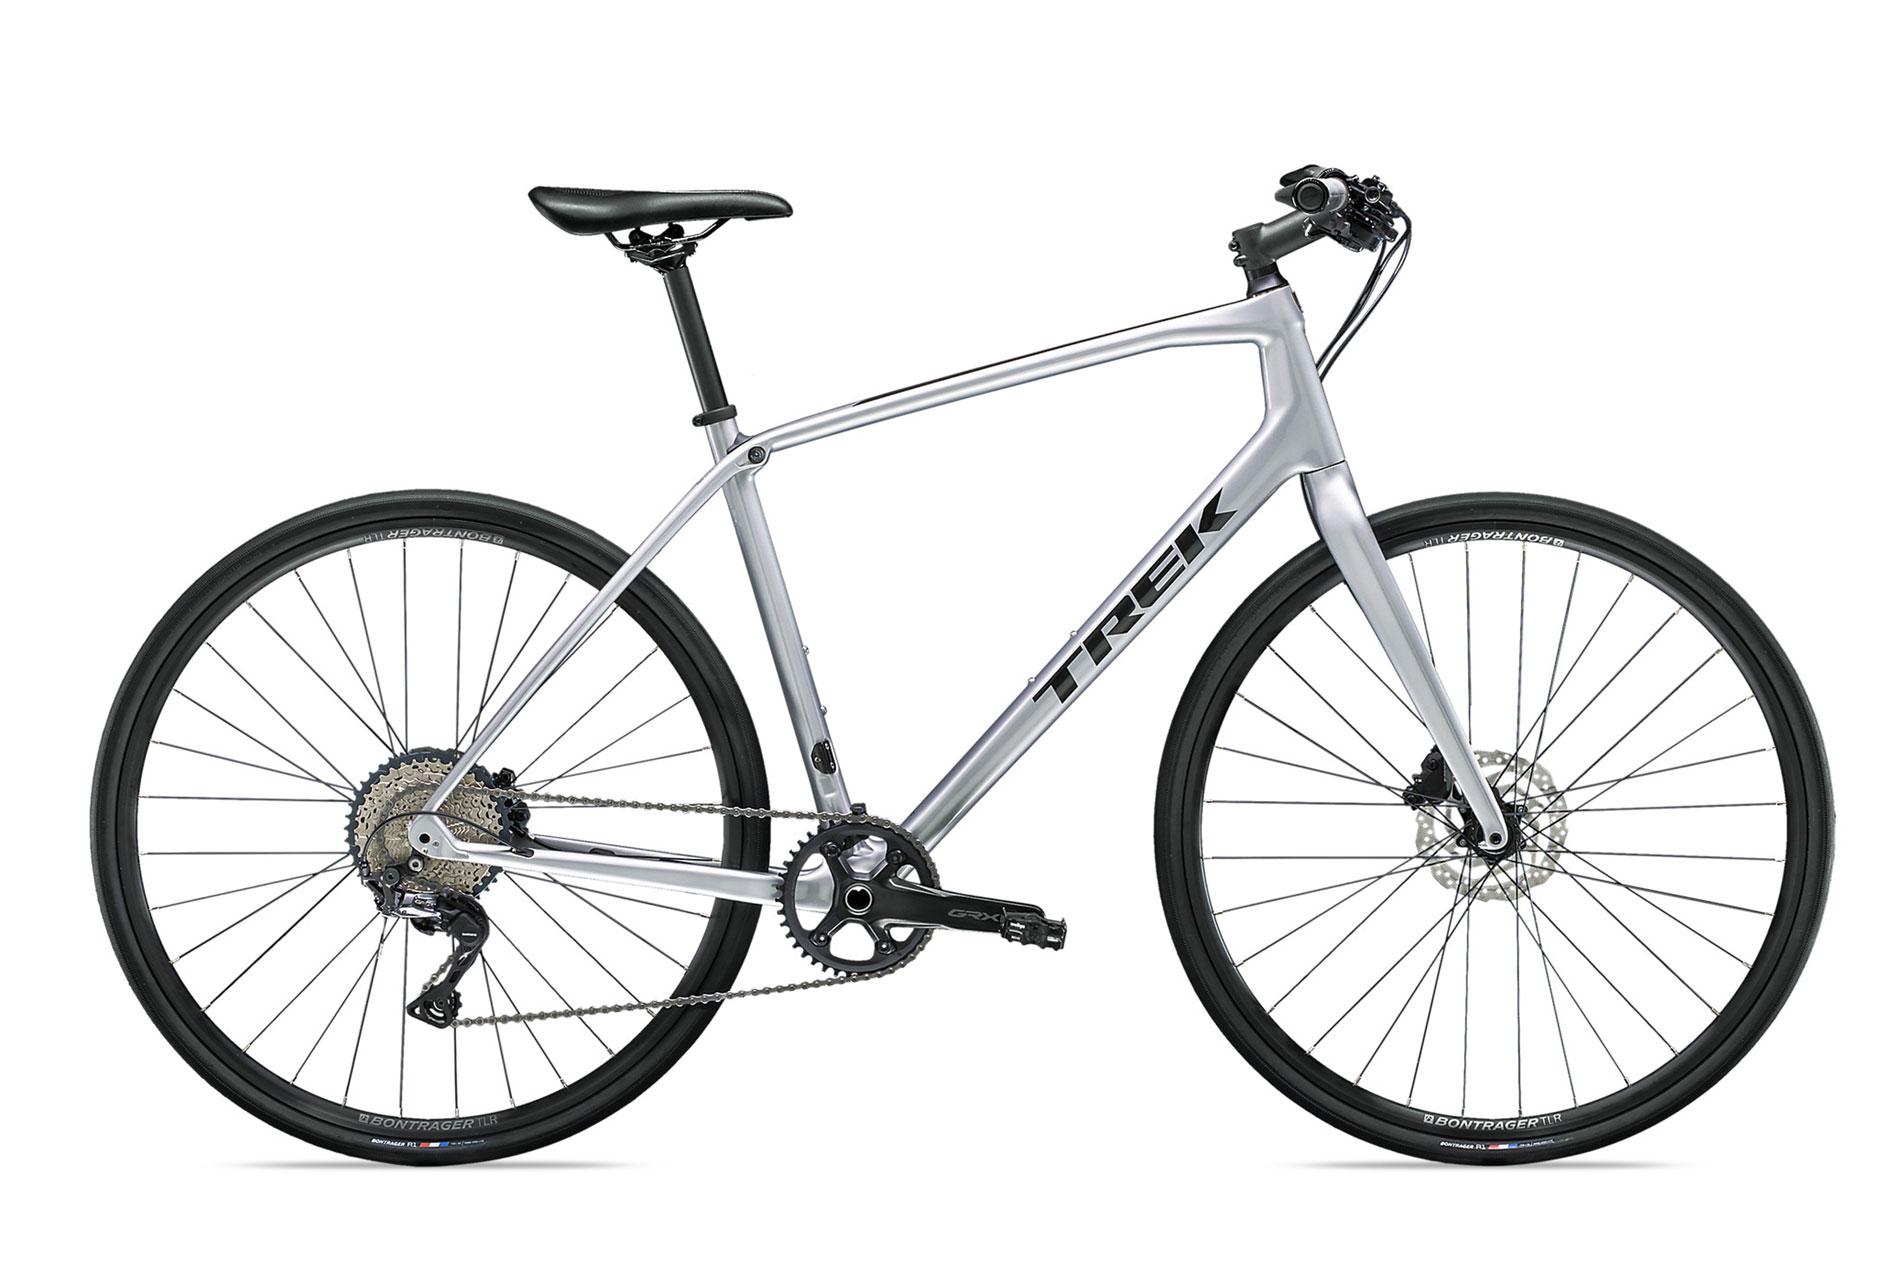 Xe đạp thể thao thành phố Trek FX Sport 4 Carbon fitness bike